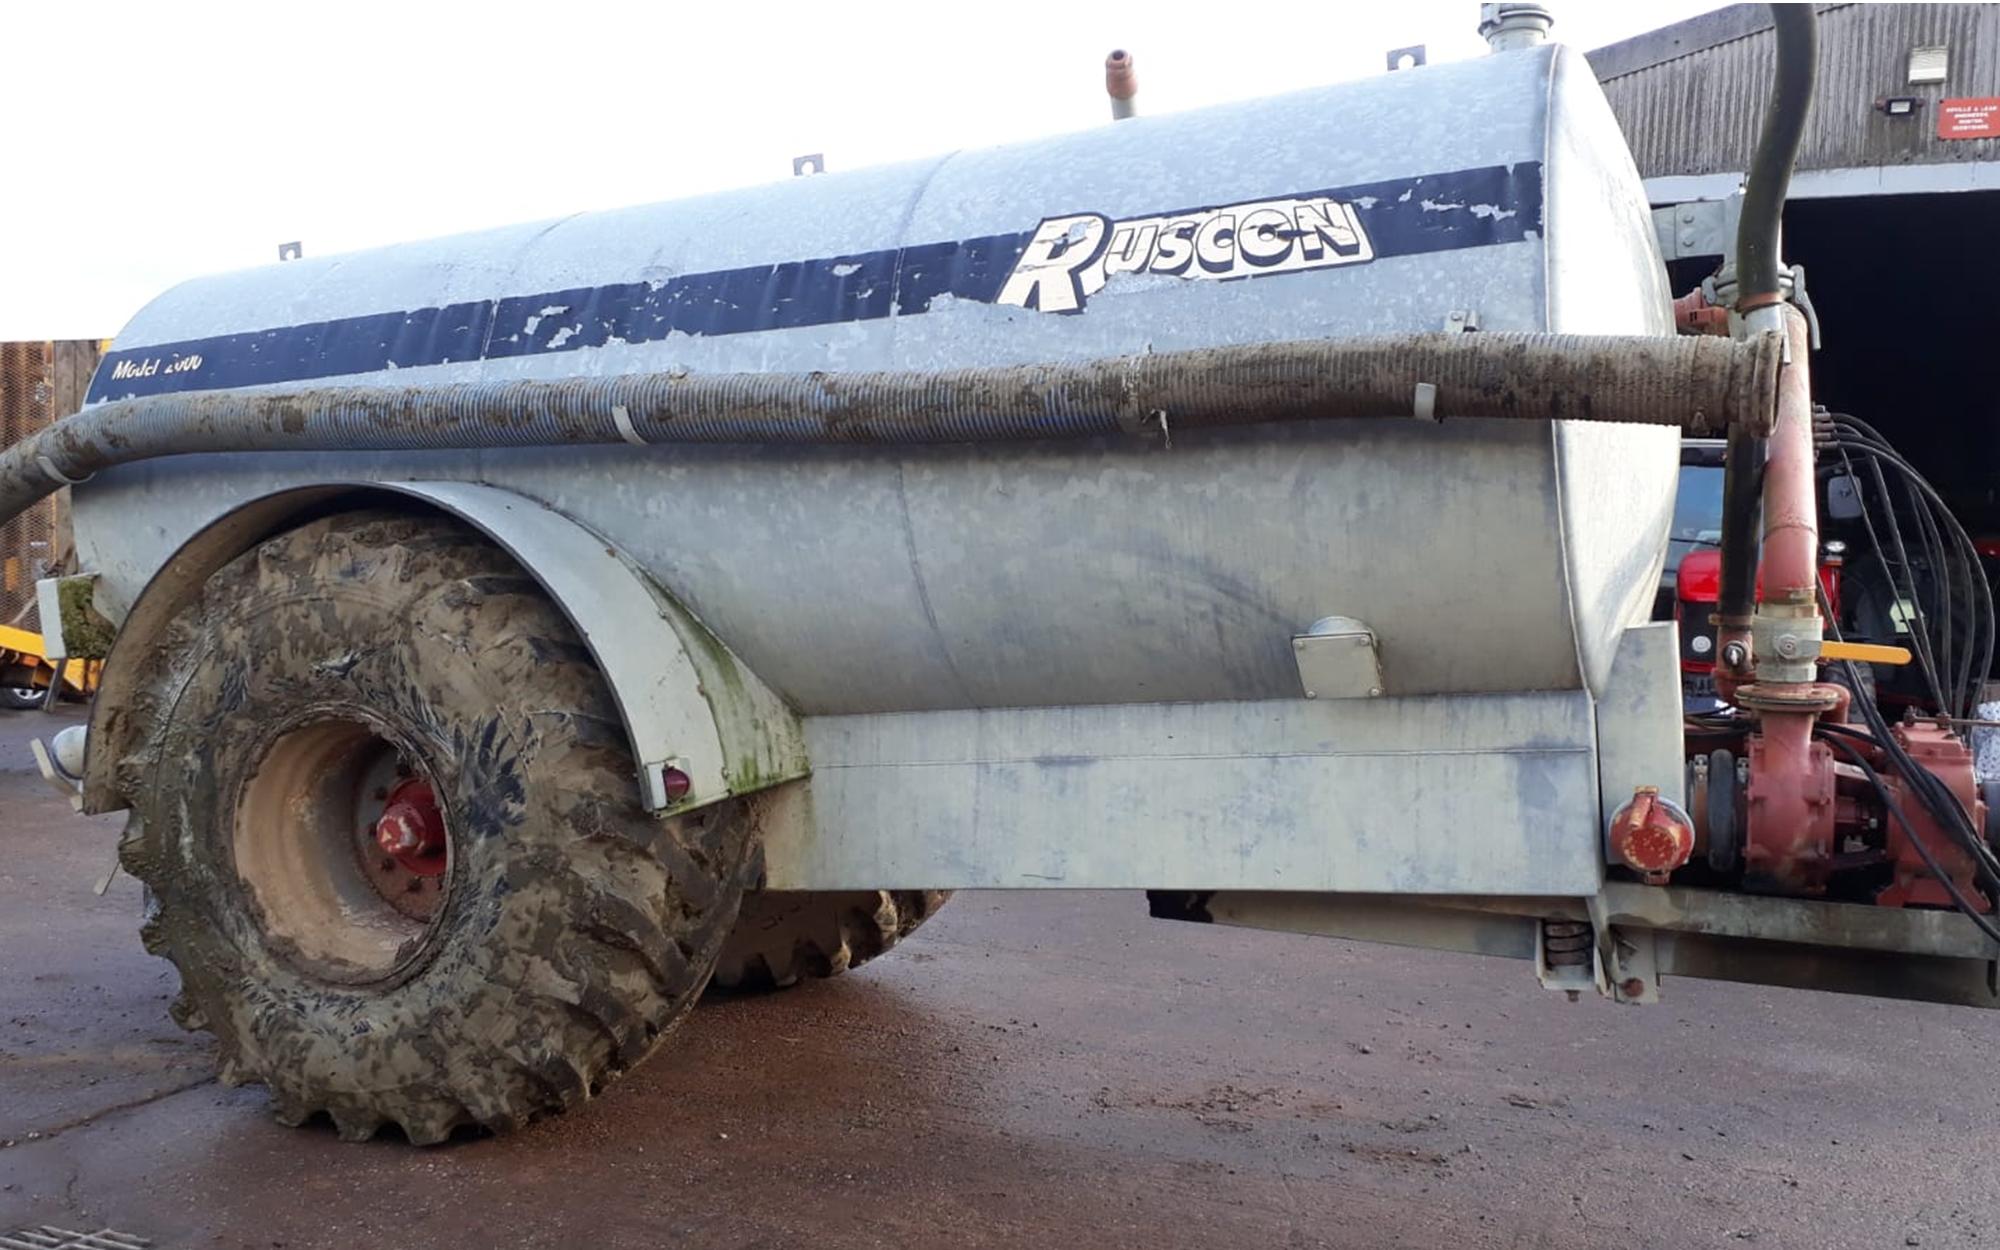 Ruscon tanker x scannel